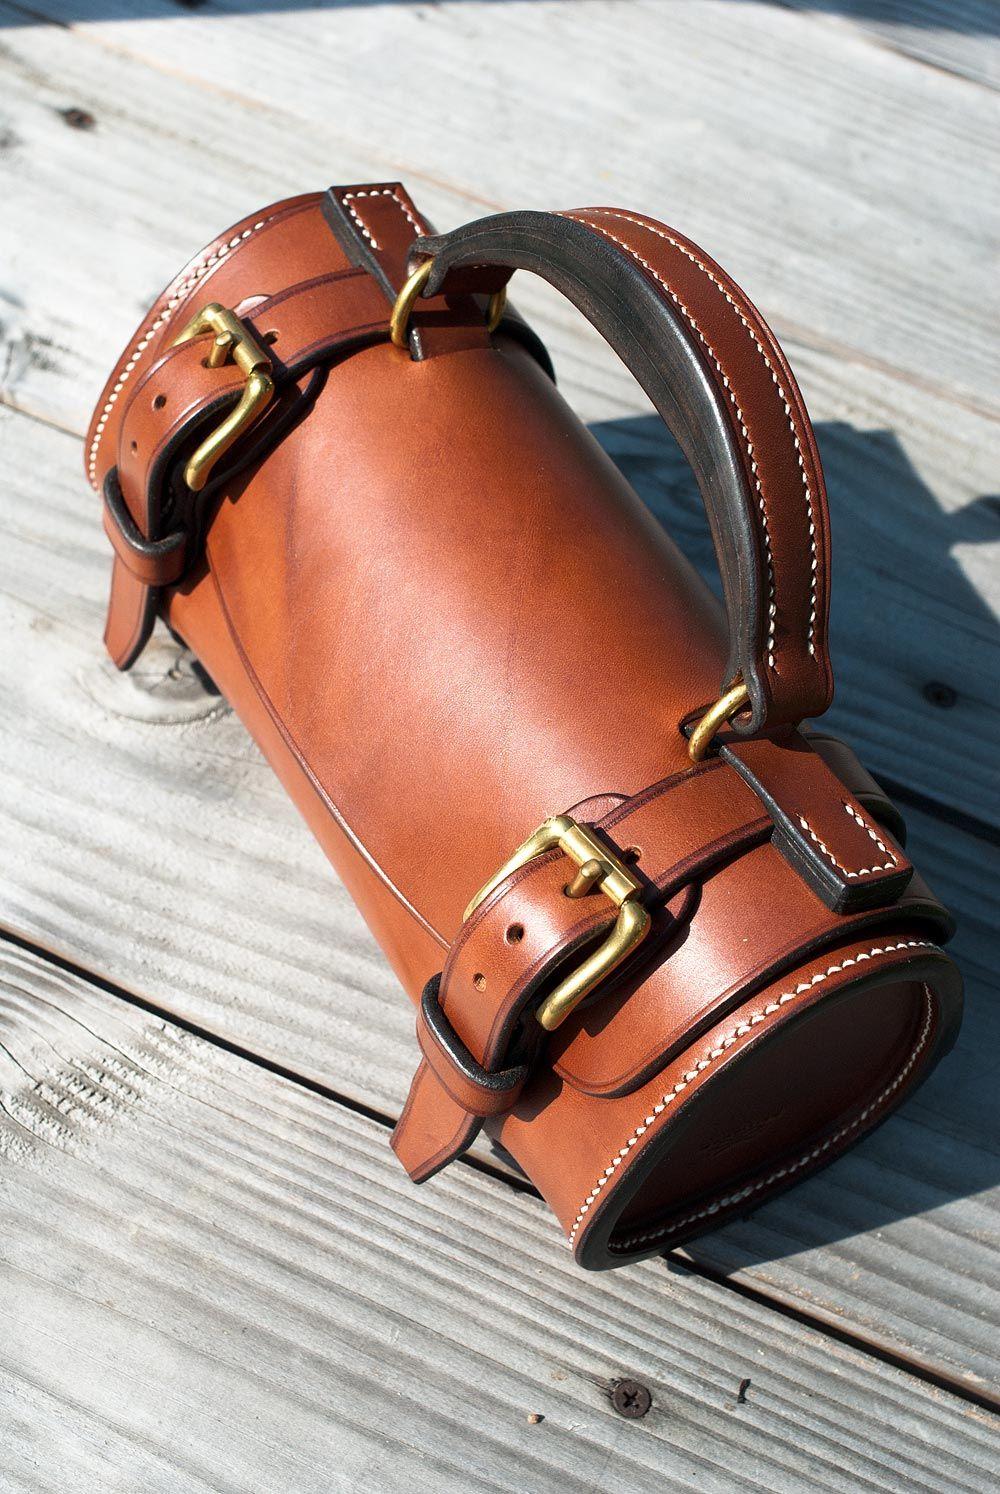 9a7a54438a Sacoche – étui pour boules de pétanque | Mode. Accessoires | Sacoche ...